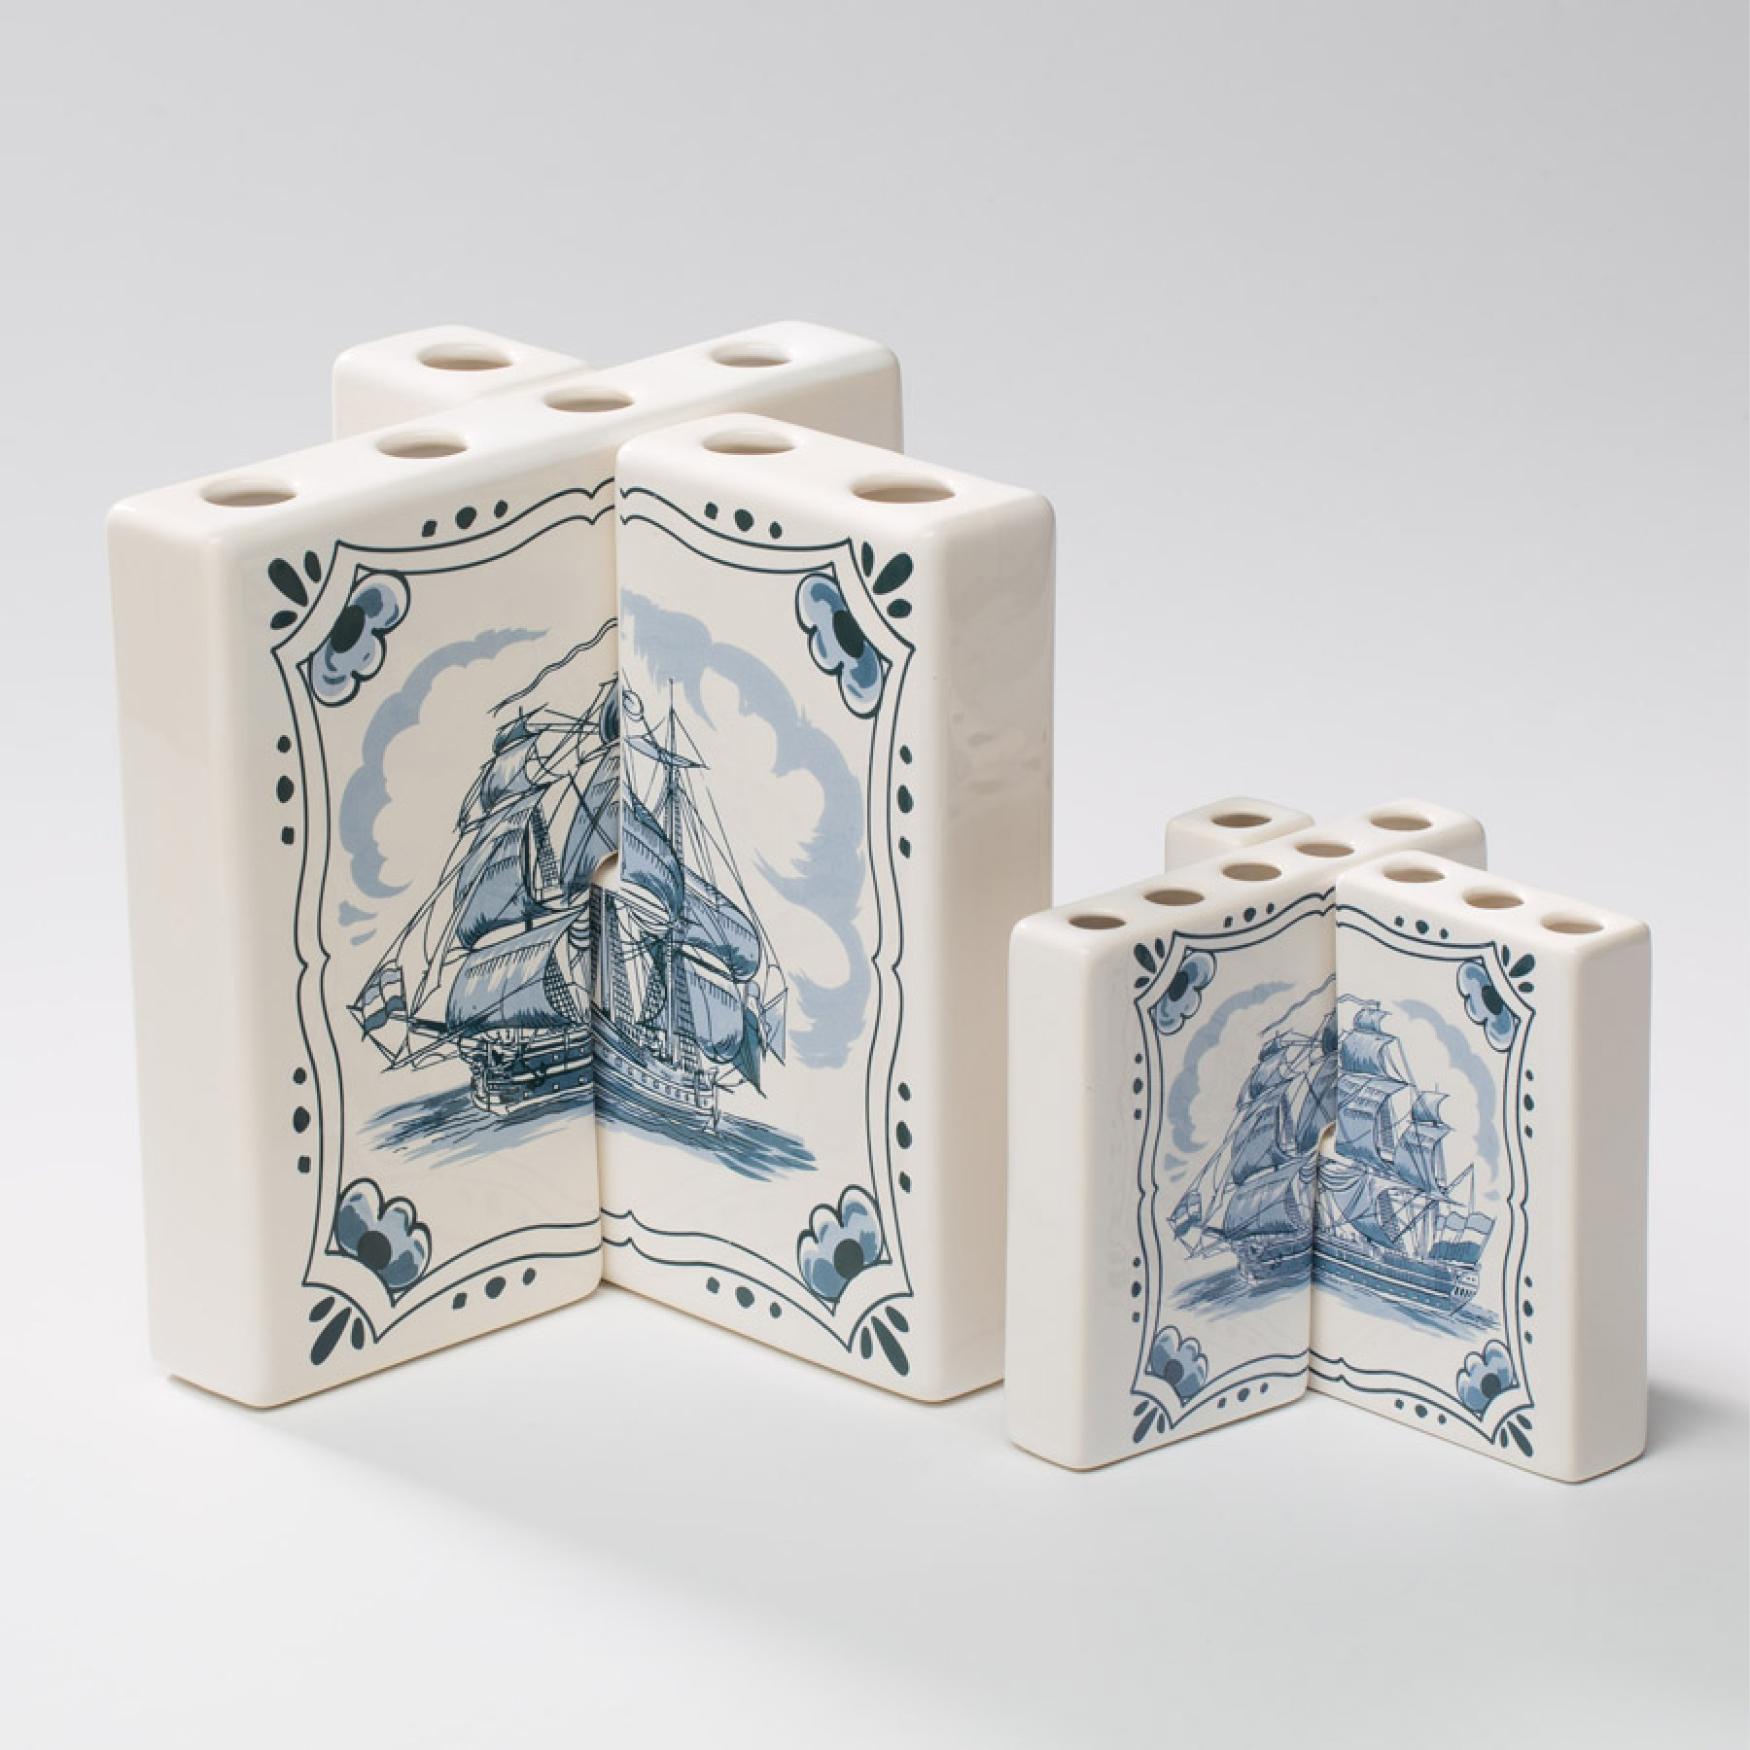 Dianthus-Flowers-Gallery-Vases-1902-3.jpg